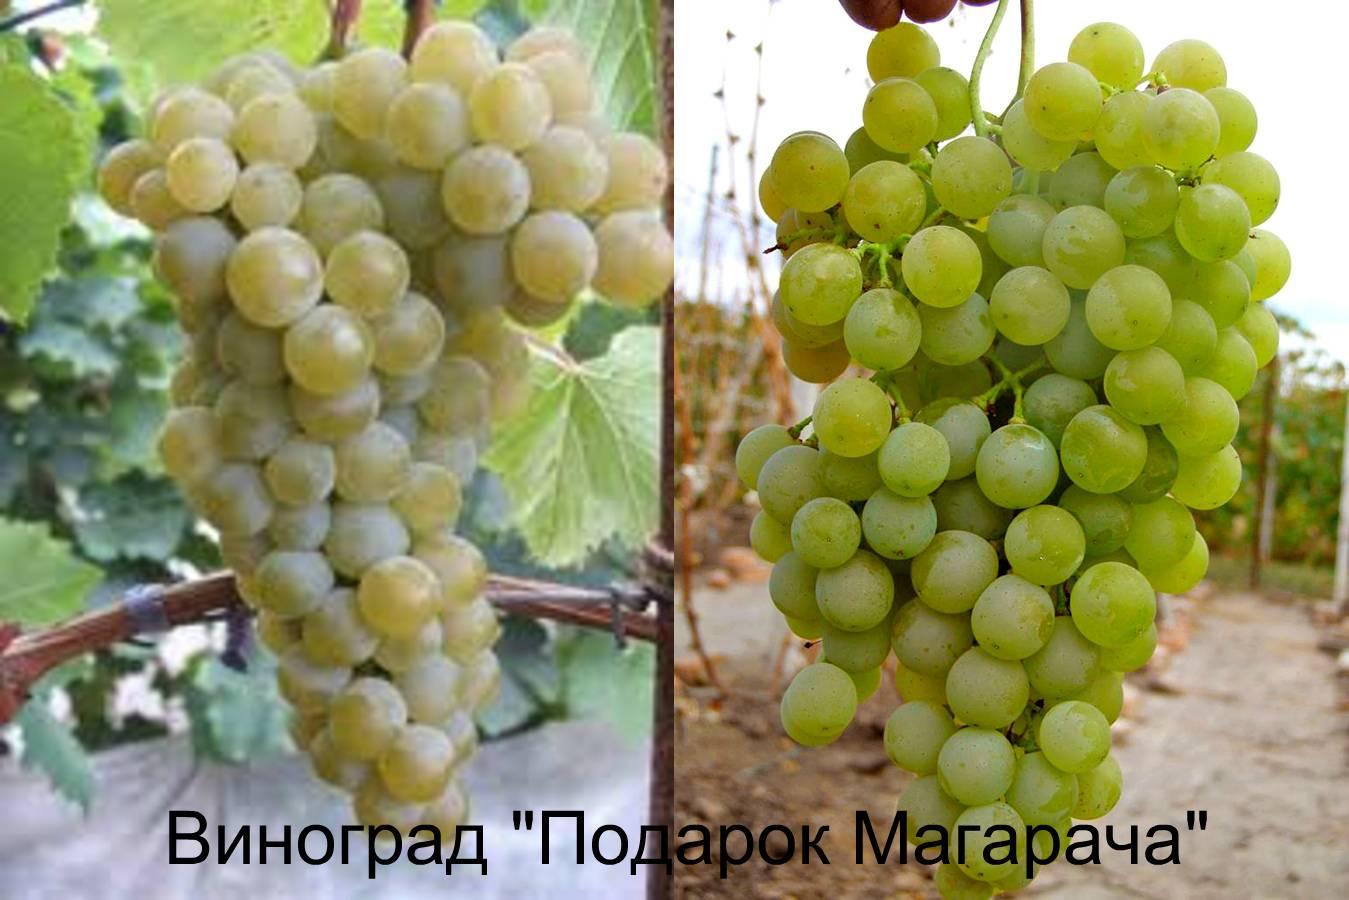 Виноград цитронный магарача: что нужно знать о нем, описание сорта, отзывы